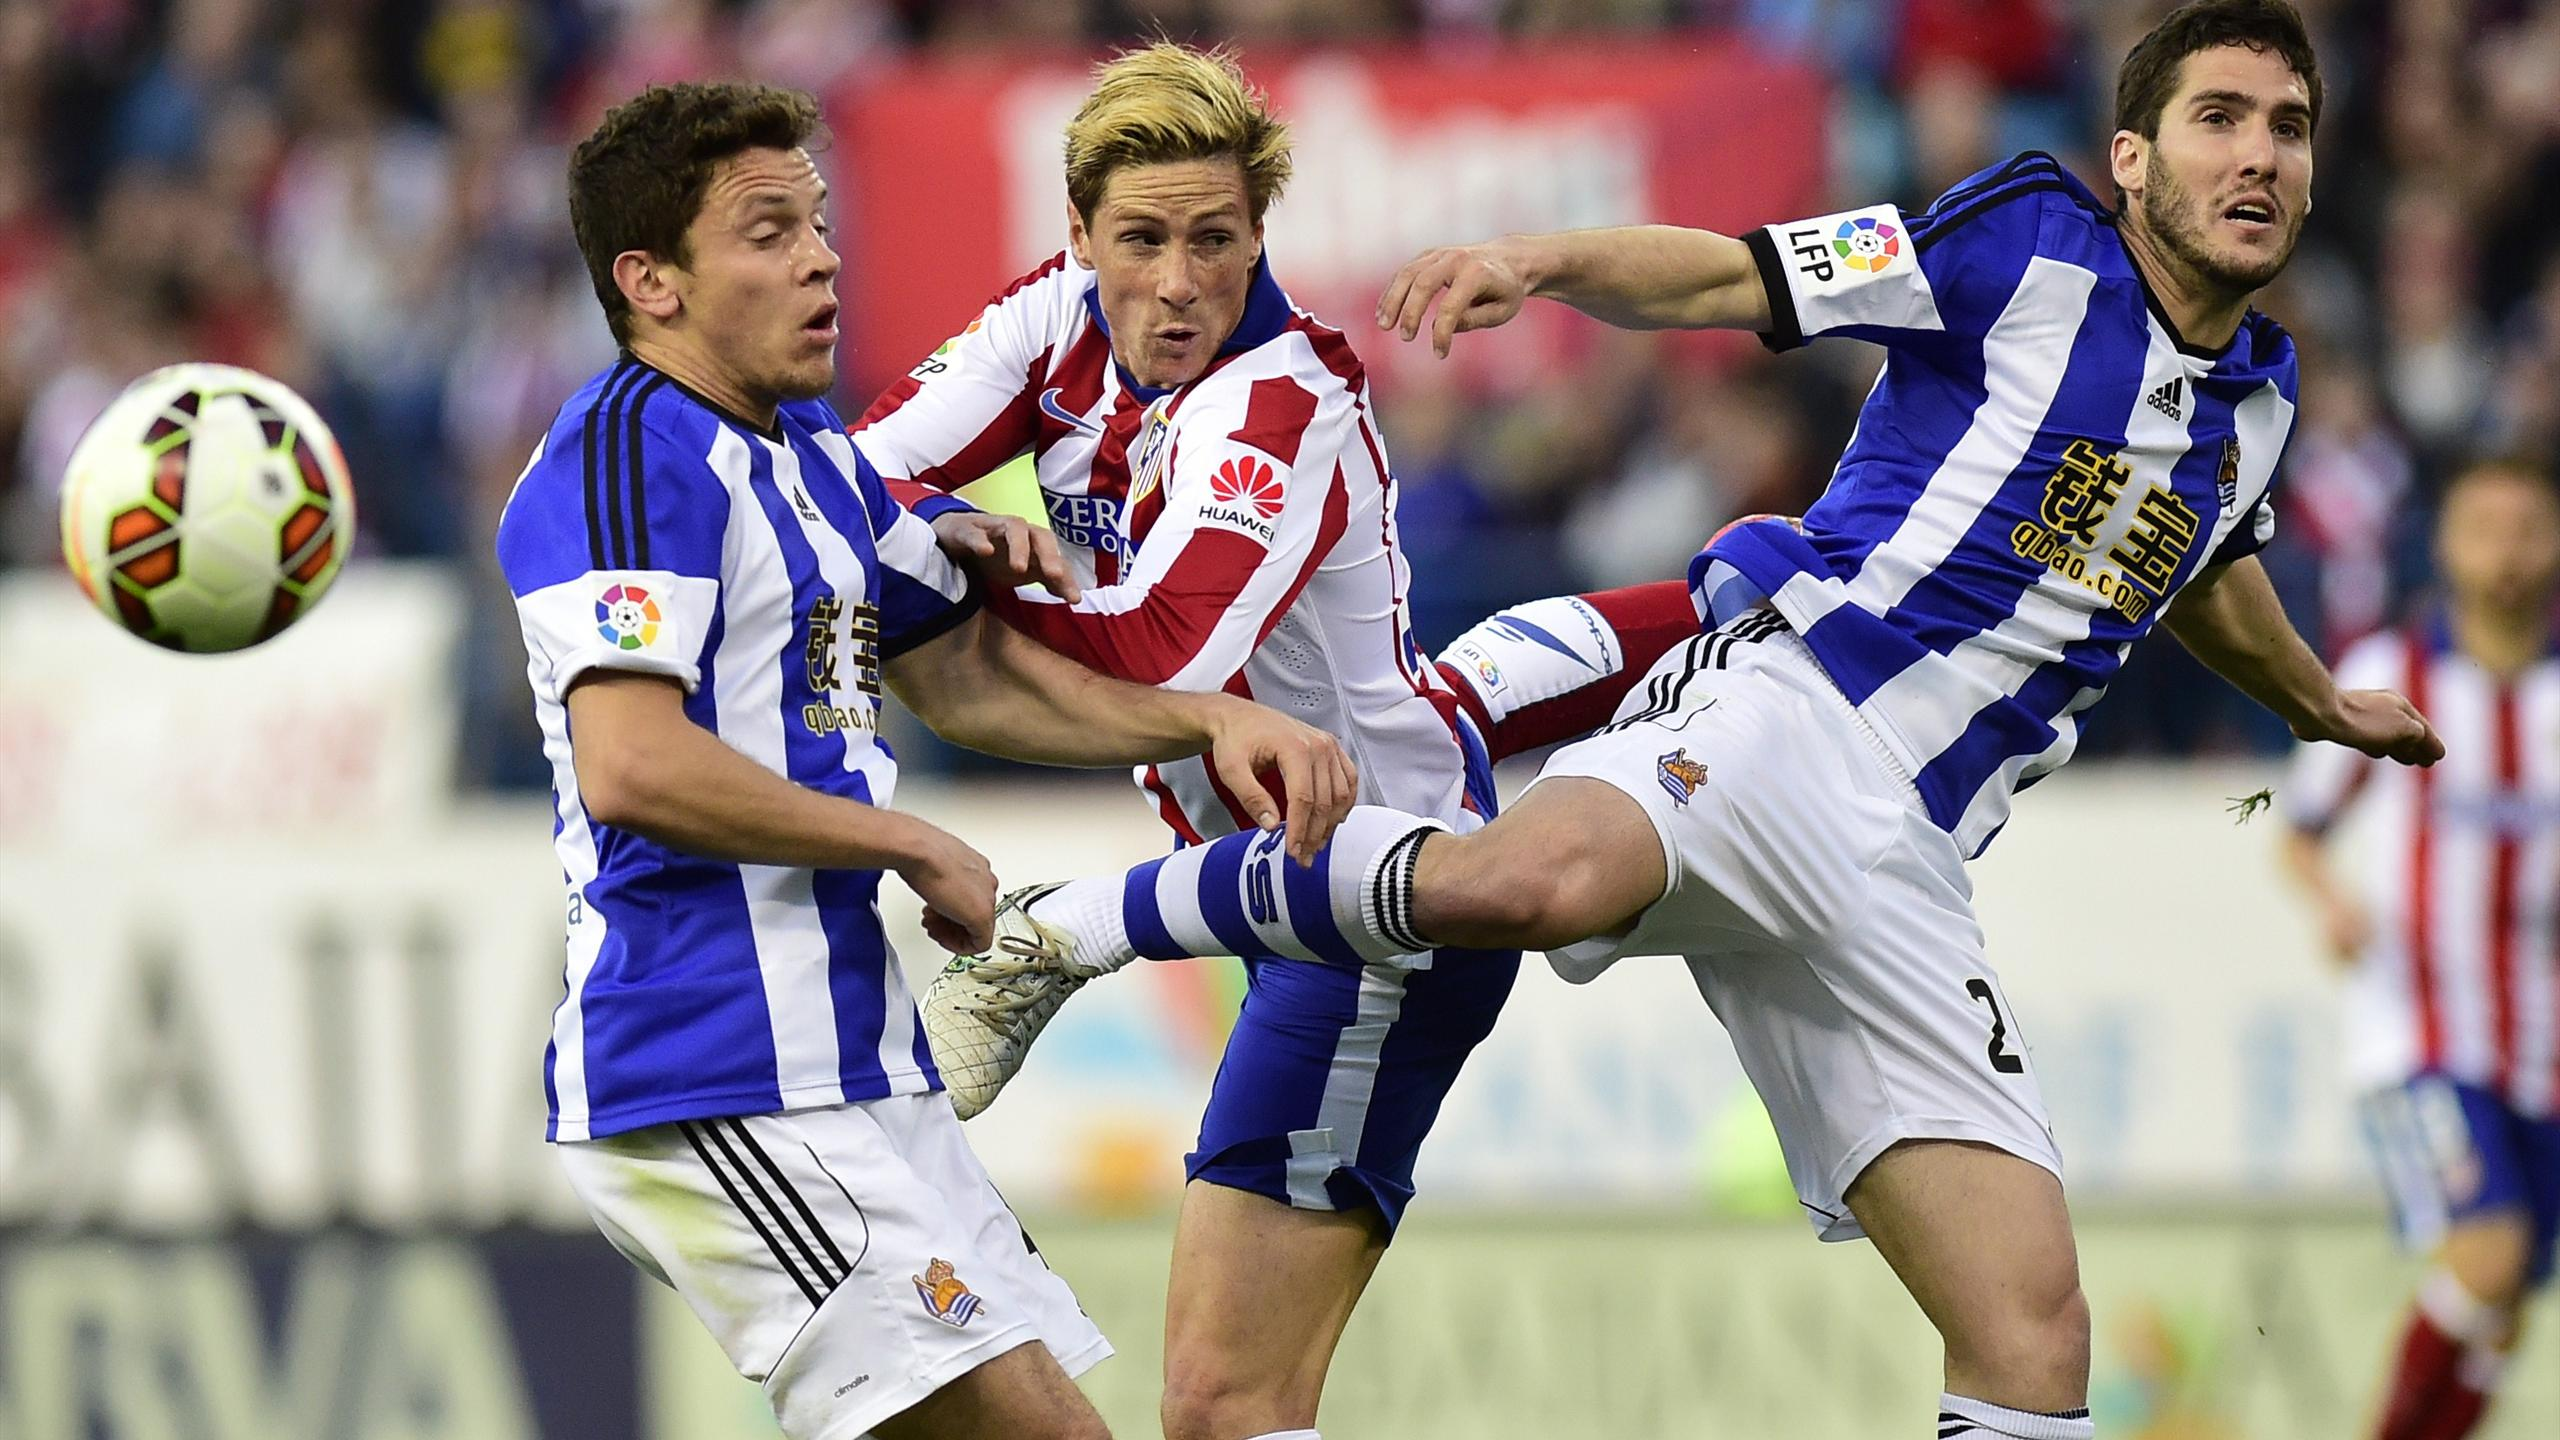 Fernando Torres (Atletico) v Real Sociedad